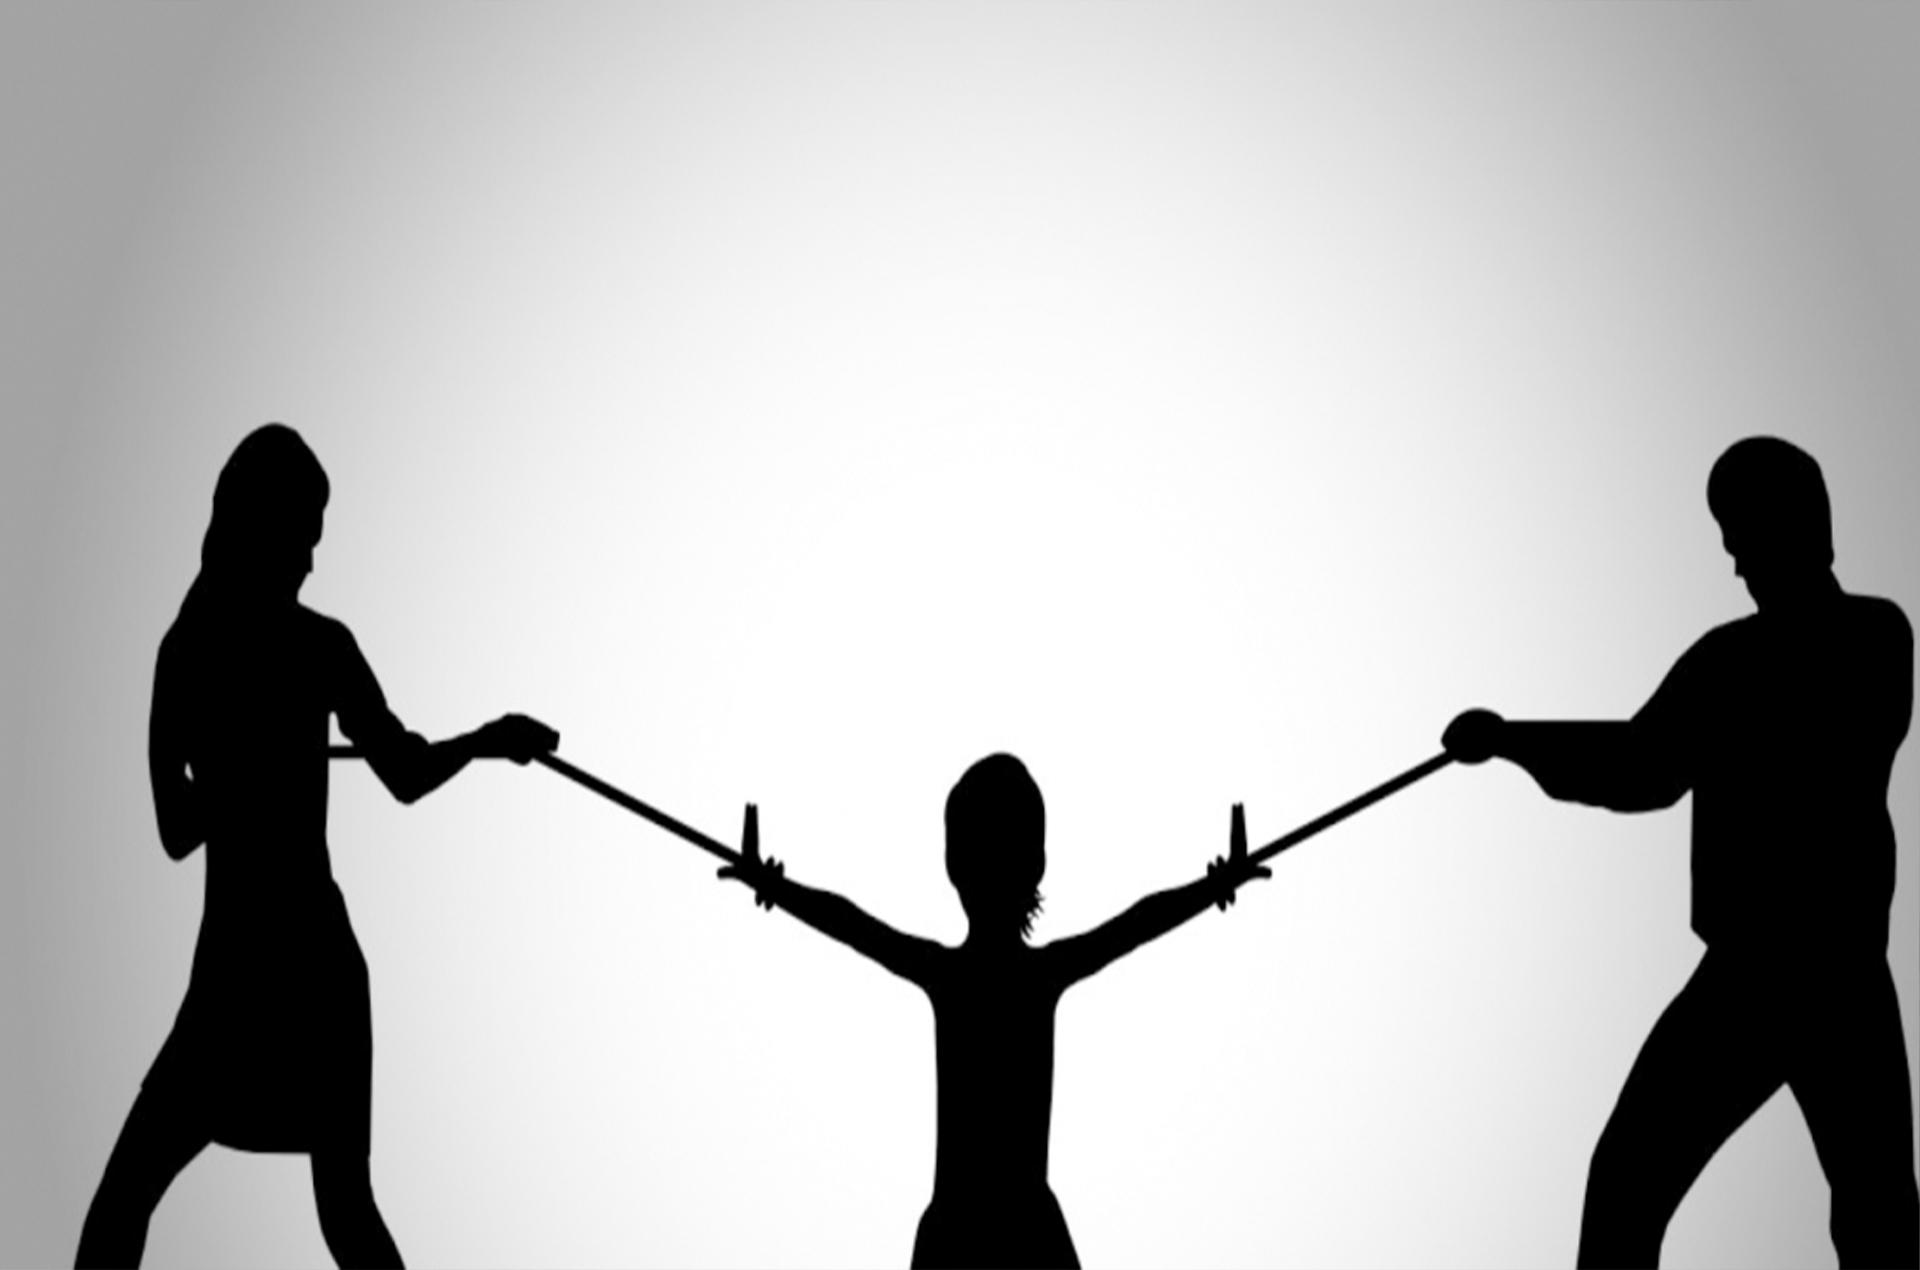 ¿Qué es el síndrome de alienación parental?